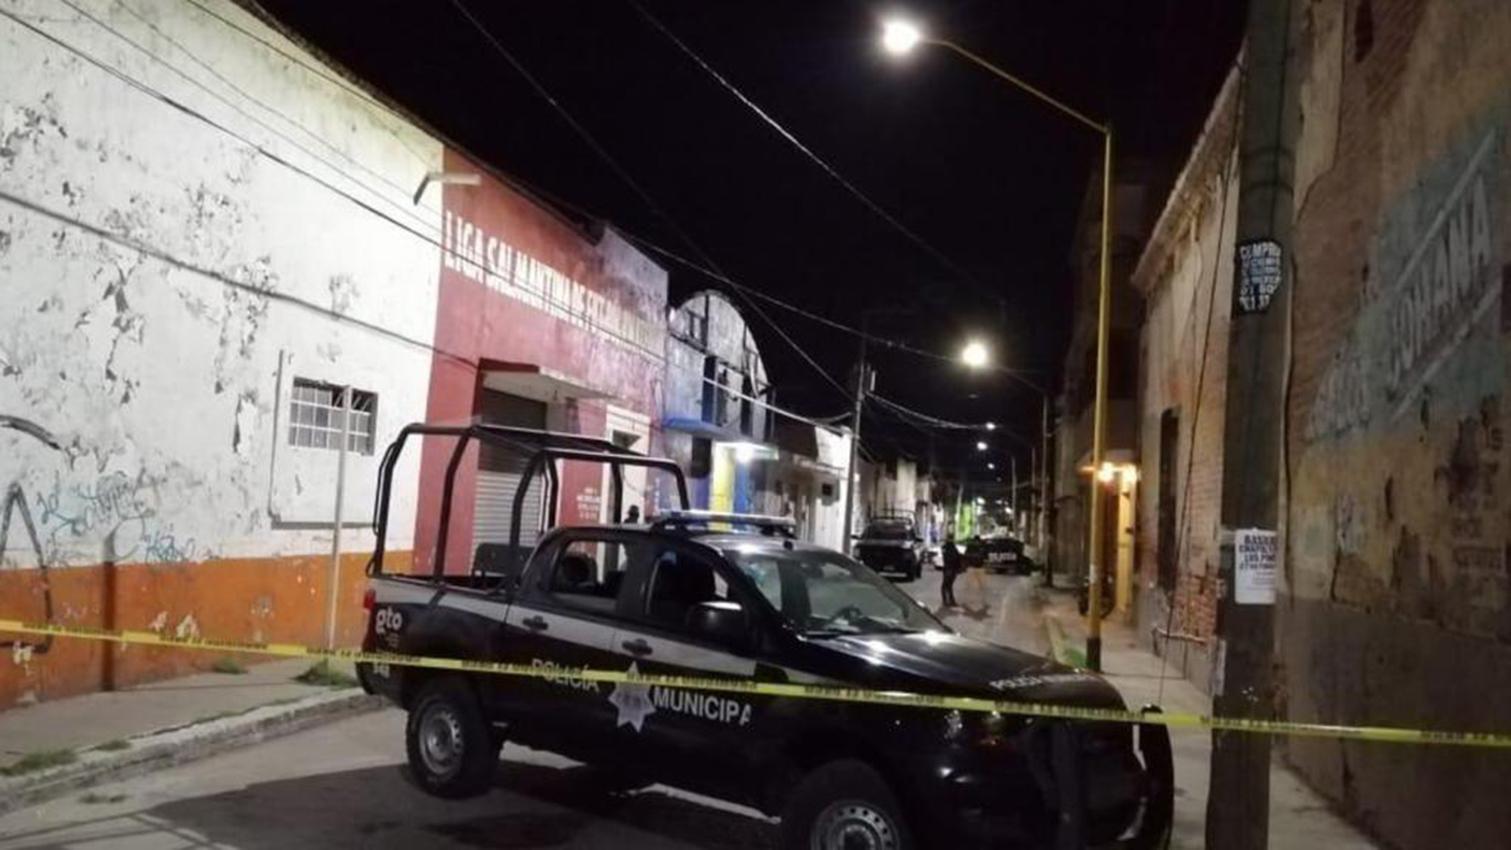 Las Fuerzas de Seguridad Pública del Estado (FSPE) bloquearon la calle donde se situaba el bar para preservar la escena del crimen